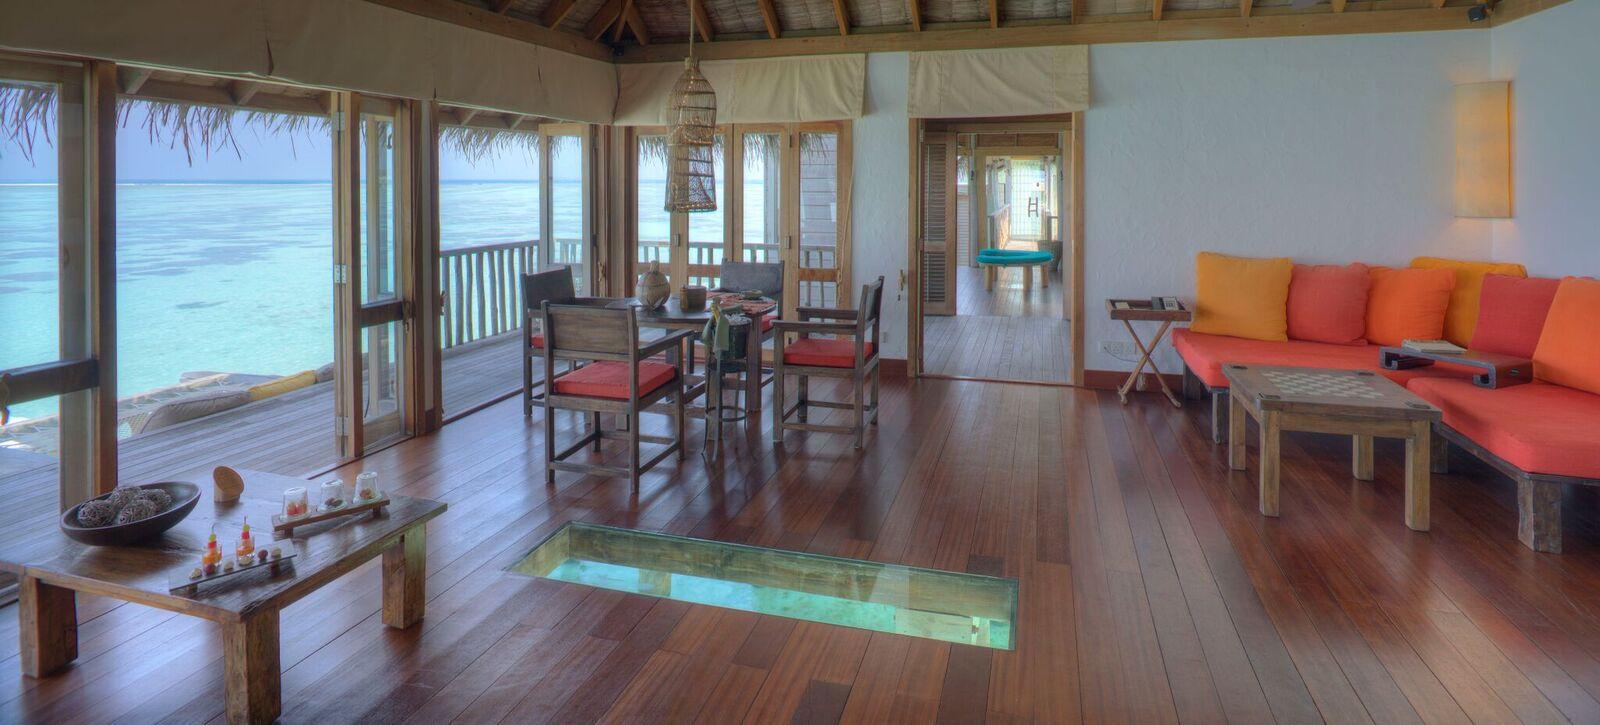 Gili Lagoon Residence Living & Dining Area